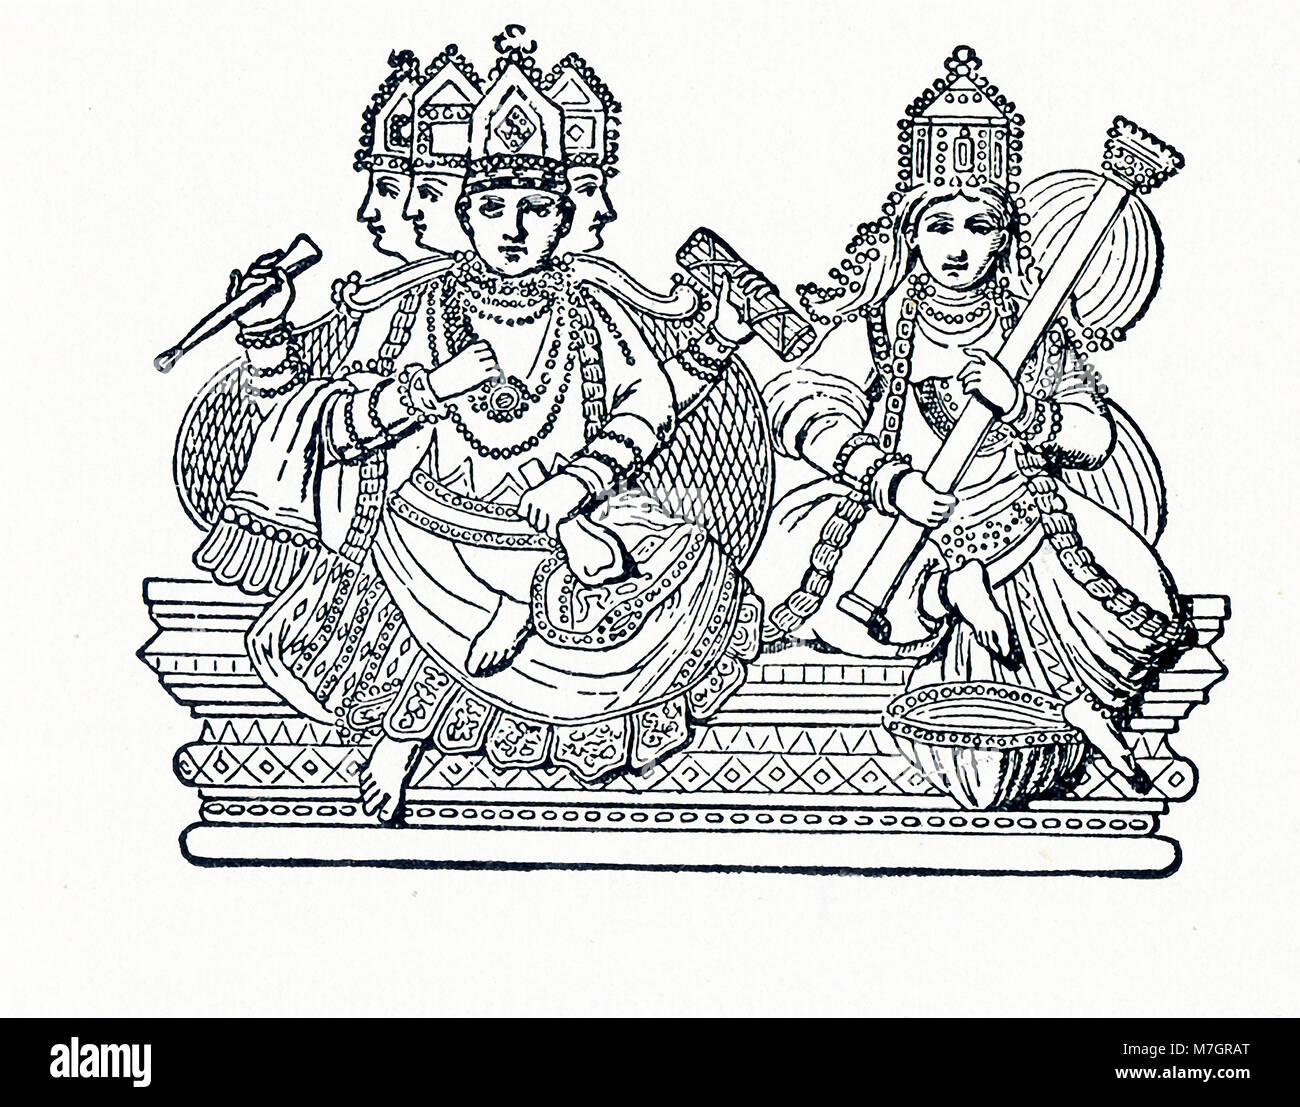 Questa illustrazione risale a circa 1898 e mostra la divinità Indù Brahma con Saraswati. In Hinduism, Immagini Stock